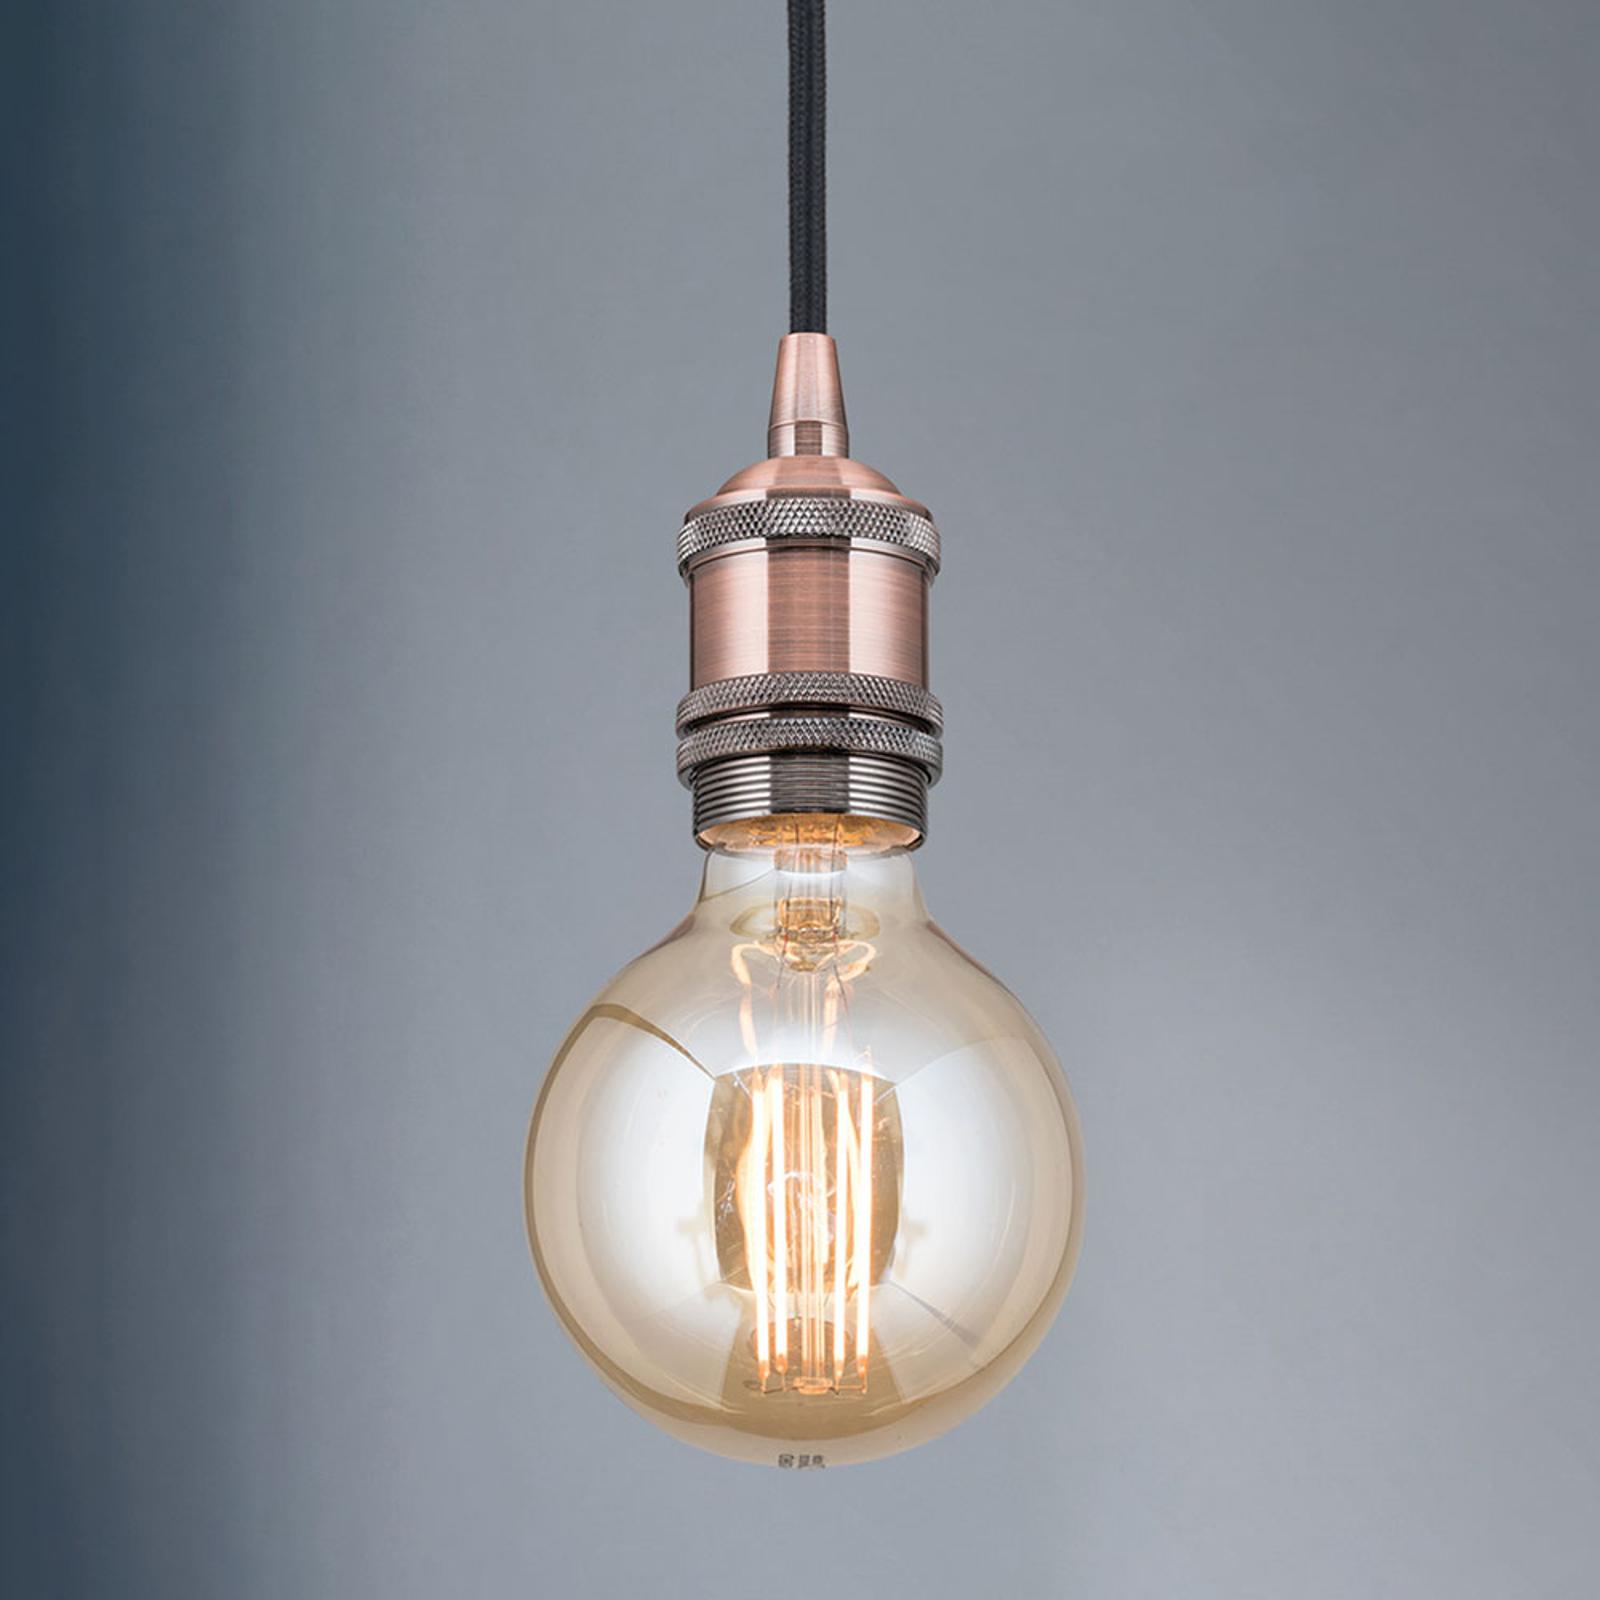 Lampa wisząca oprawa Jailhouse miedź